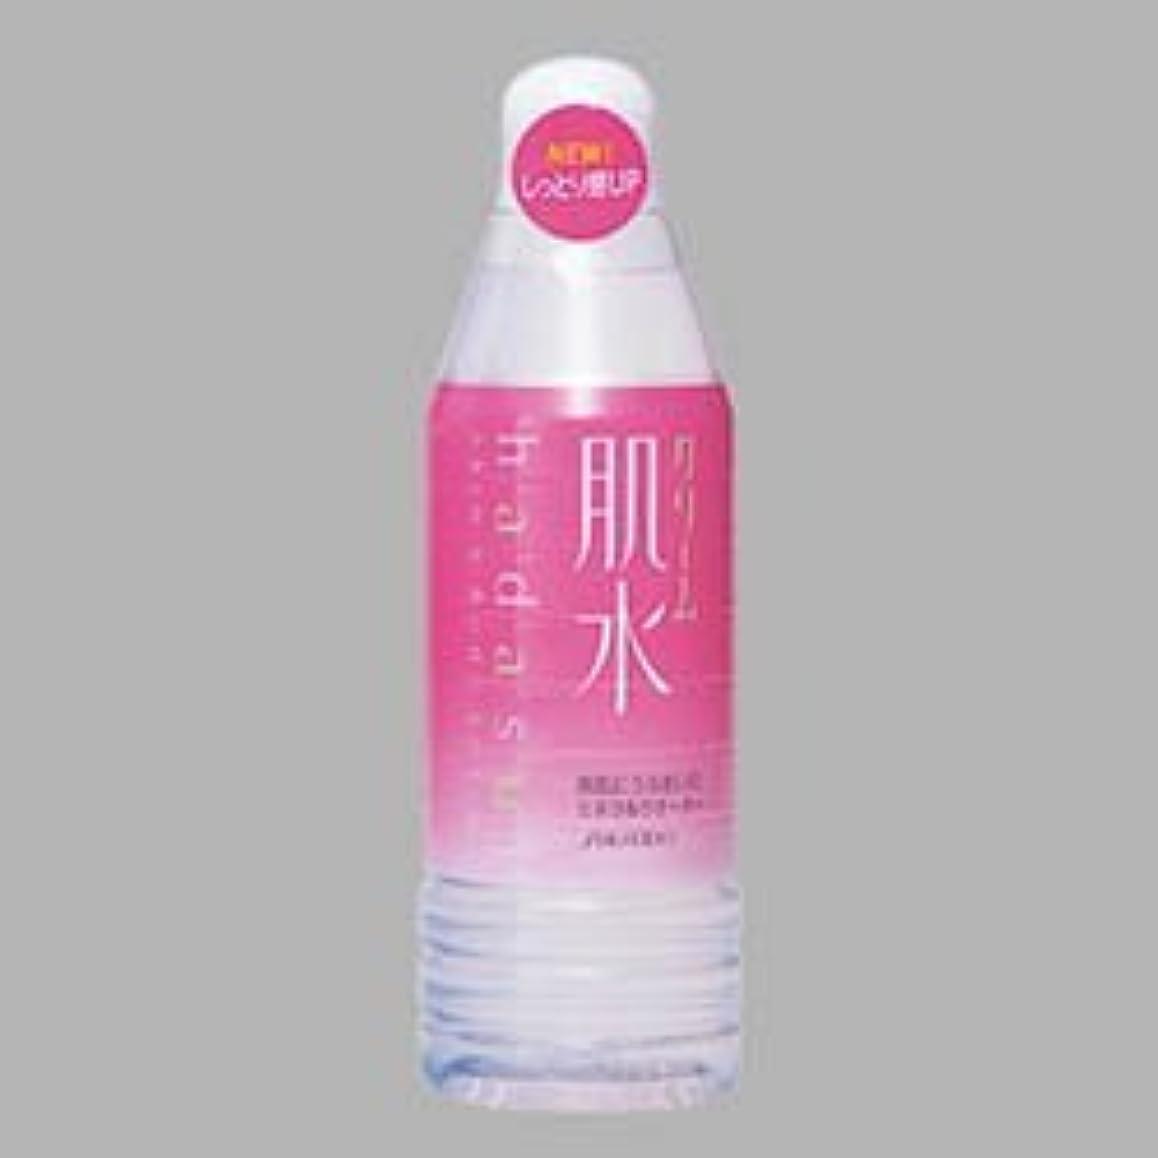 受取人魂ペナルティ【エフティ資生堂】クリーム肌水 ボトル 400ml☆☆ ×20個セット